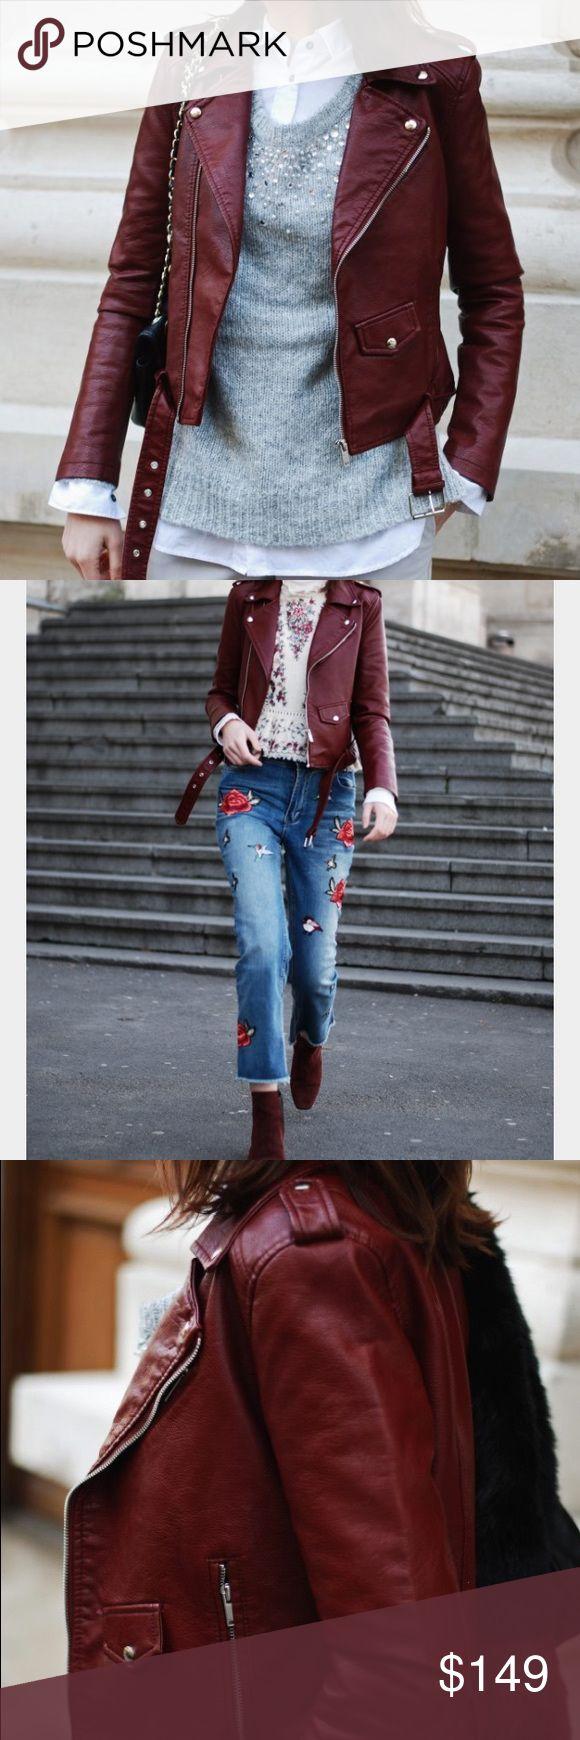 Zara Burgundy Leather Biker Jacket Chic Zara leather